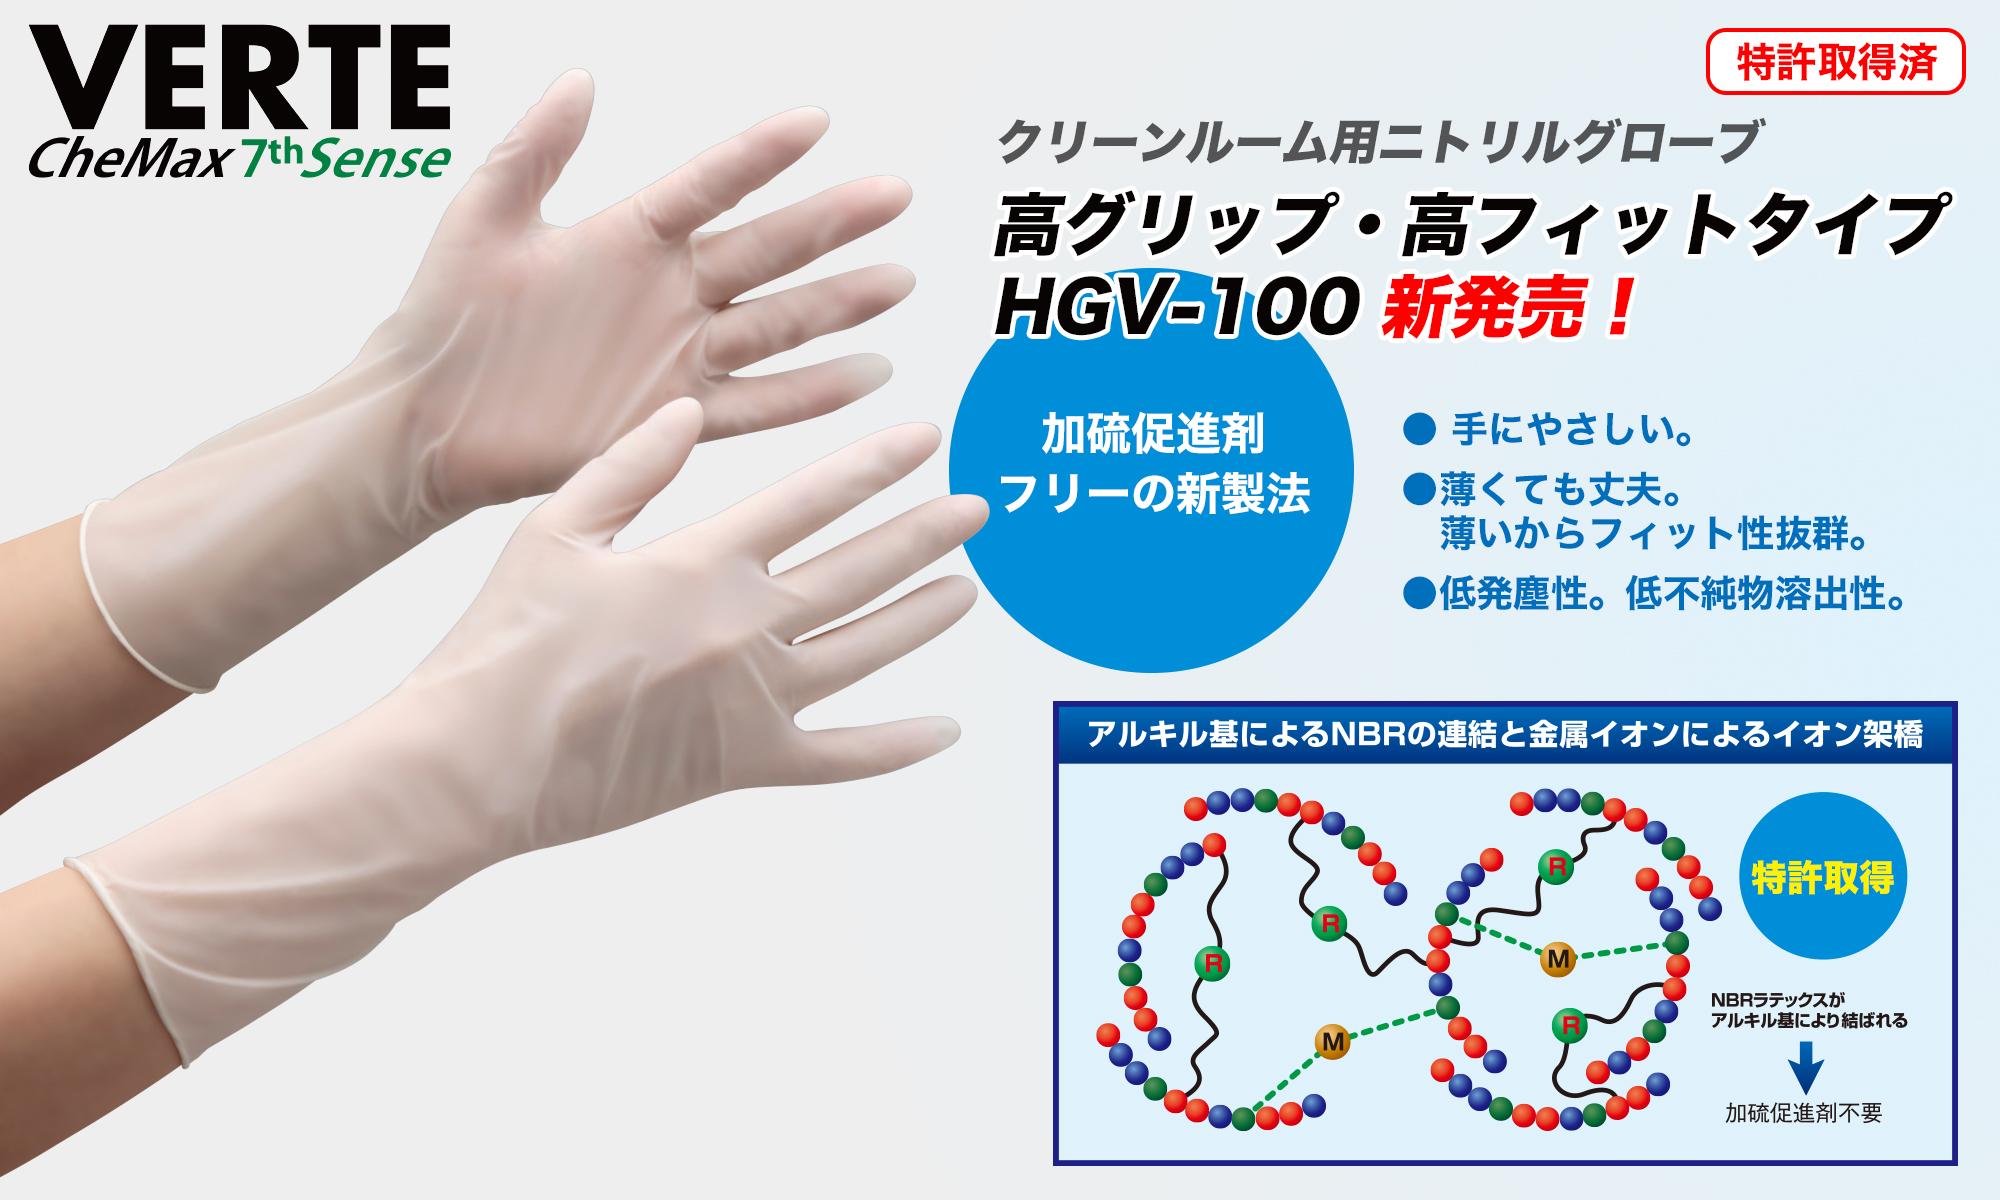 7th-sense